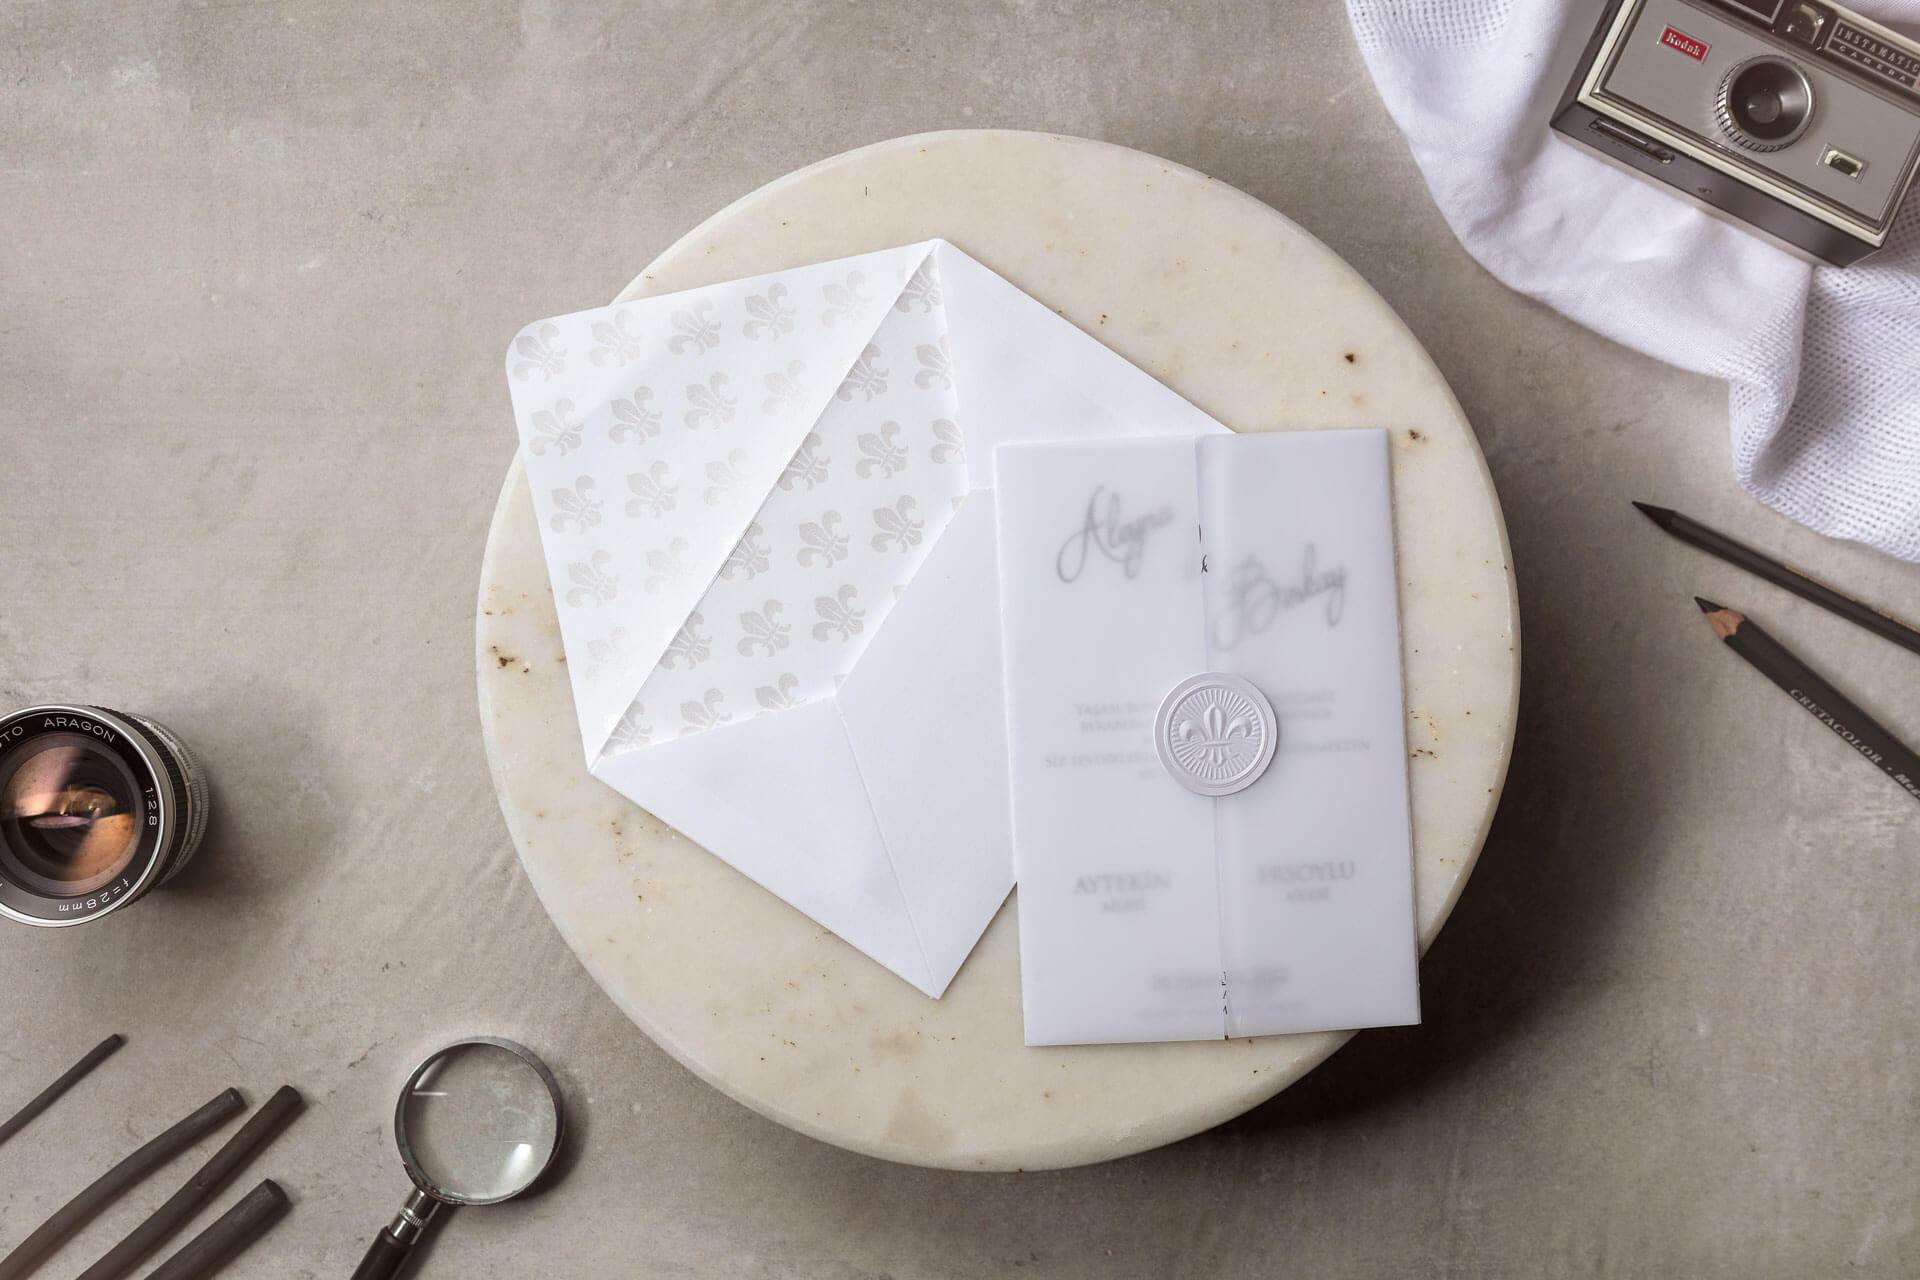 şeffaf-zarflı-düğün-davetiyesi-8398-2